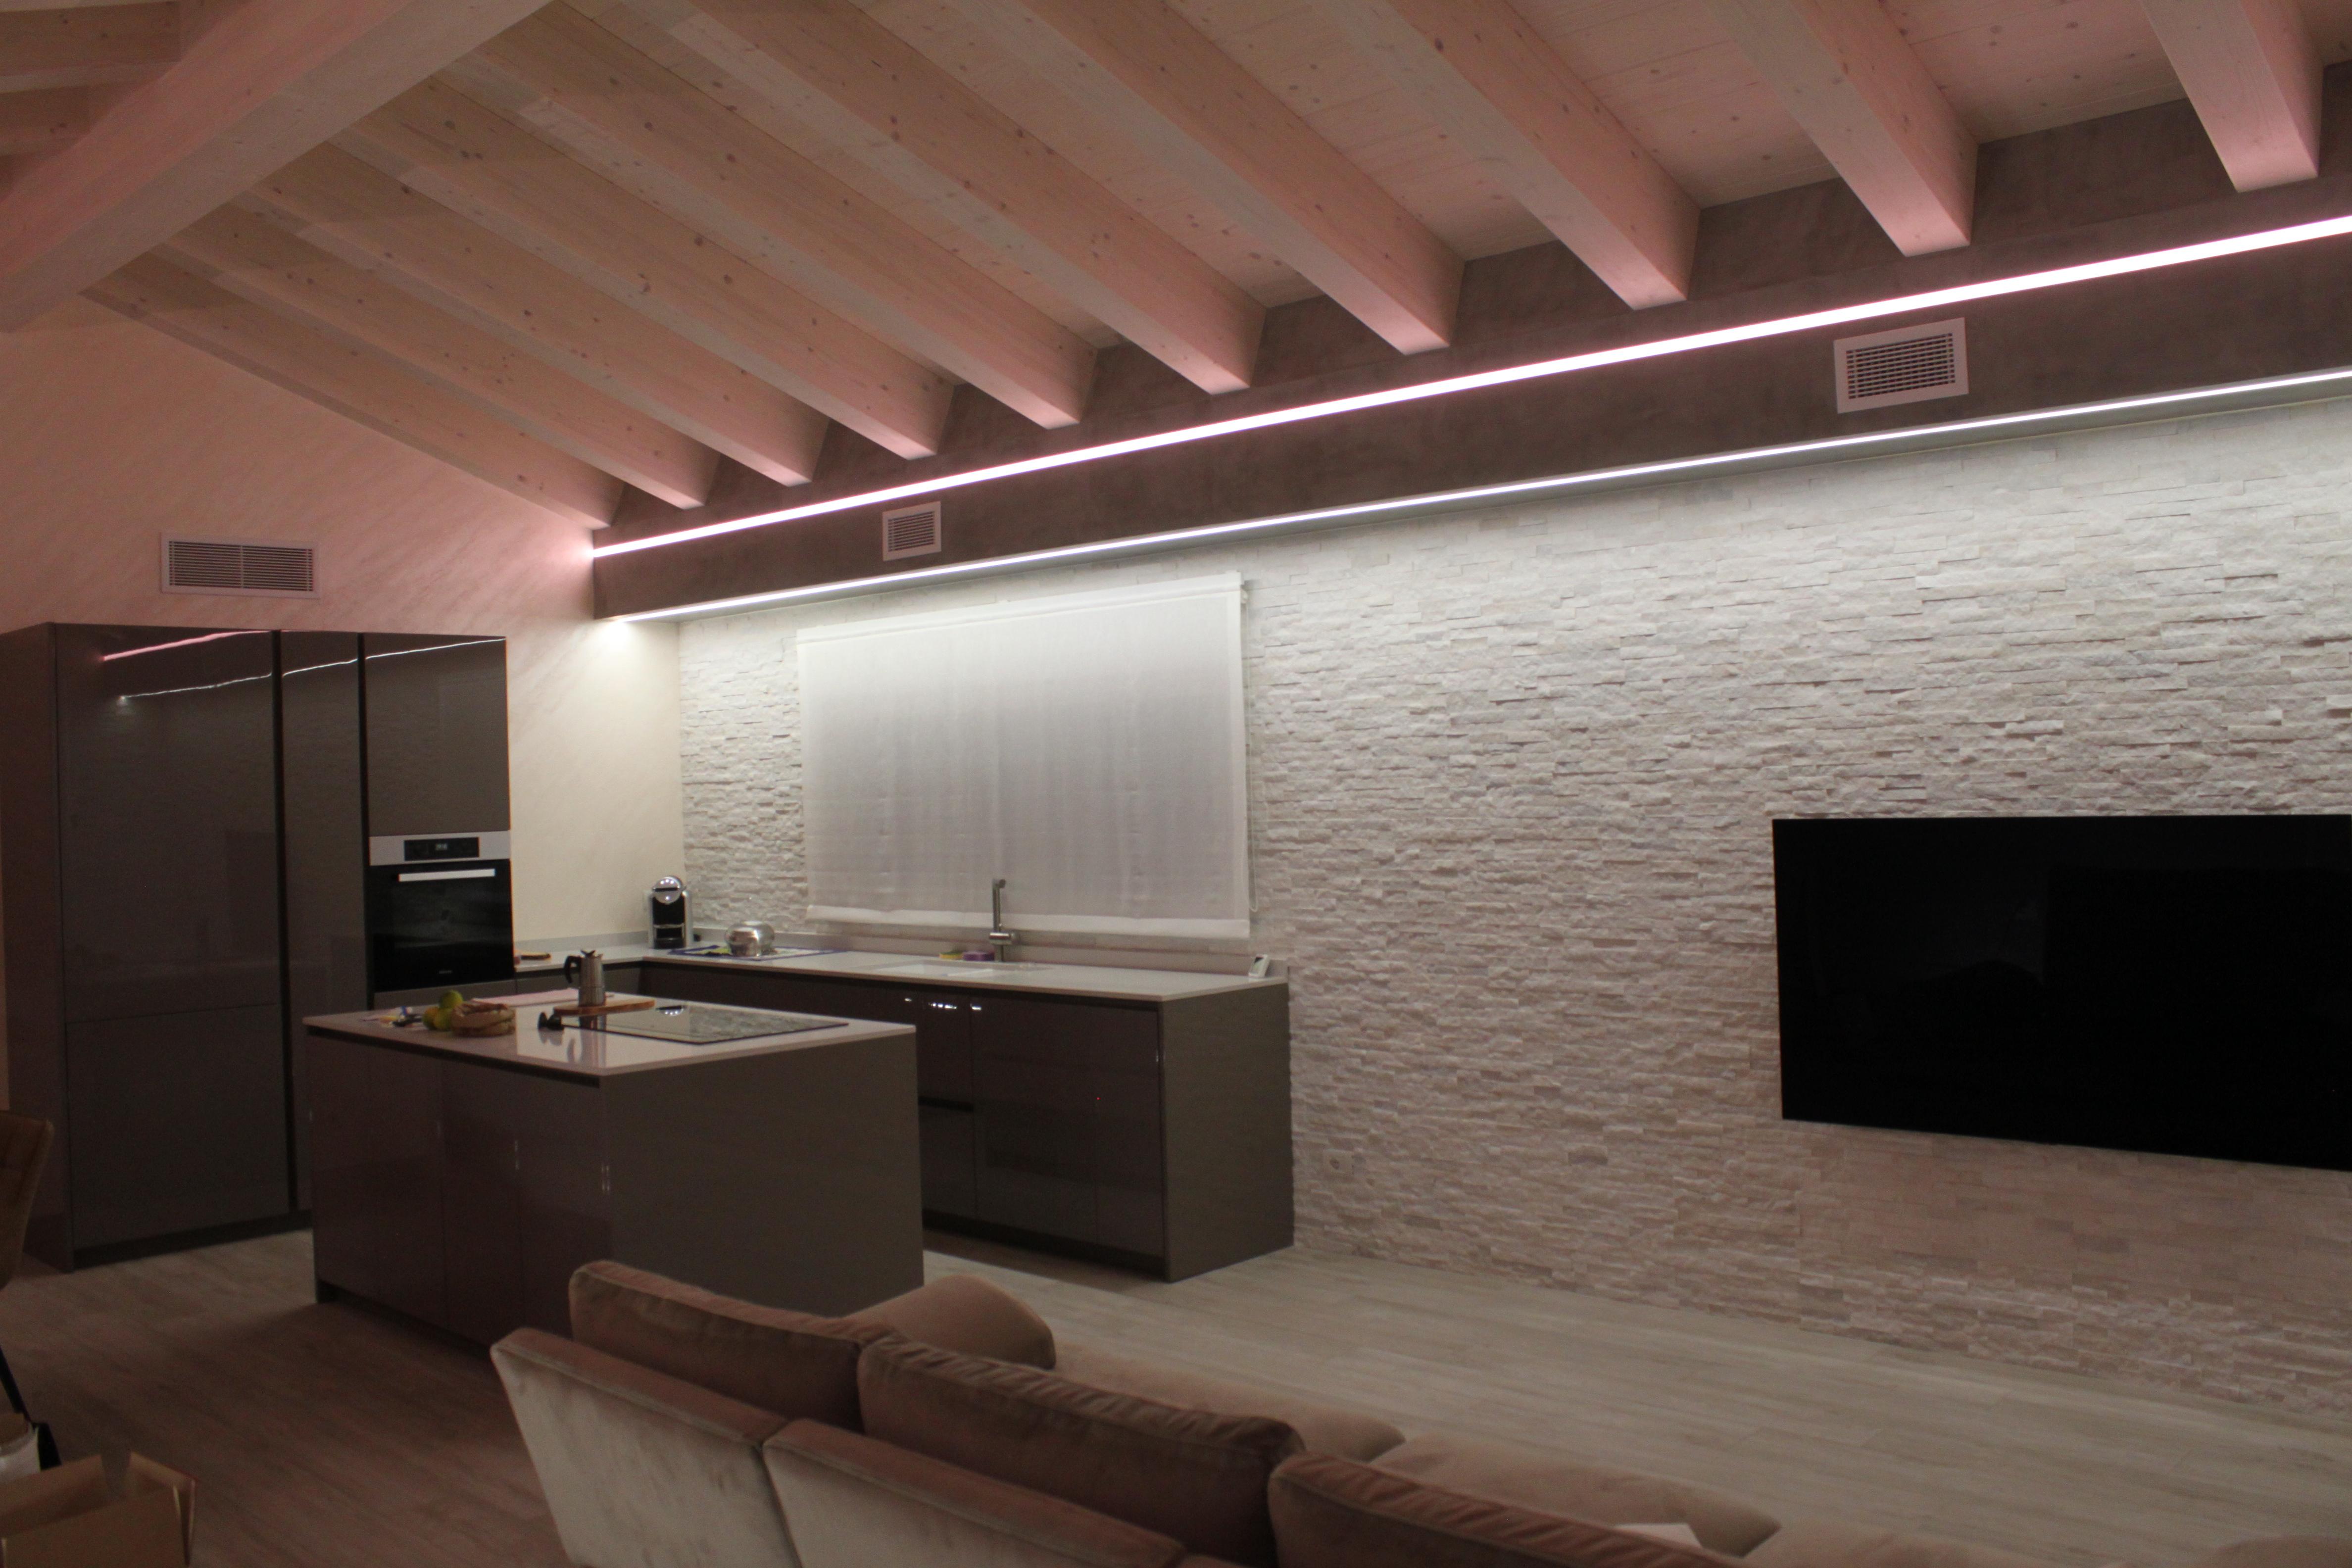 Come Illuminare Una Cucina come illuminare un open space (con foto!) - blog illuminante